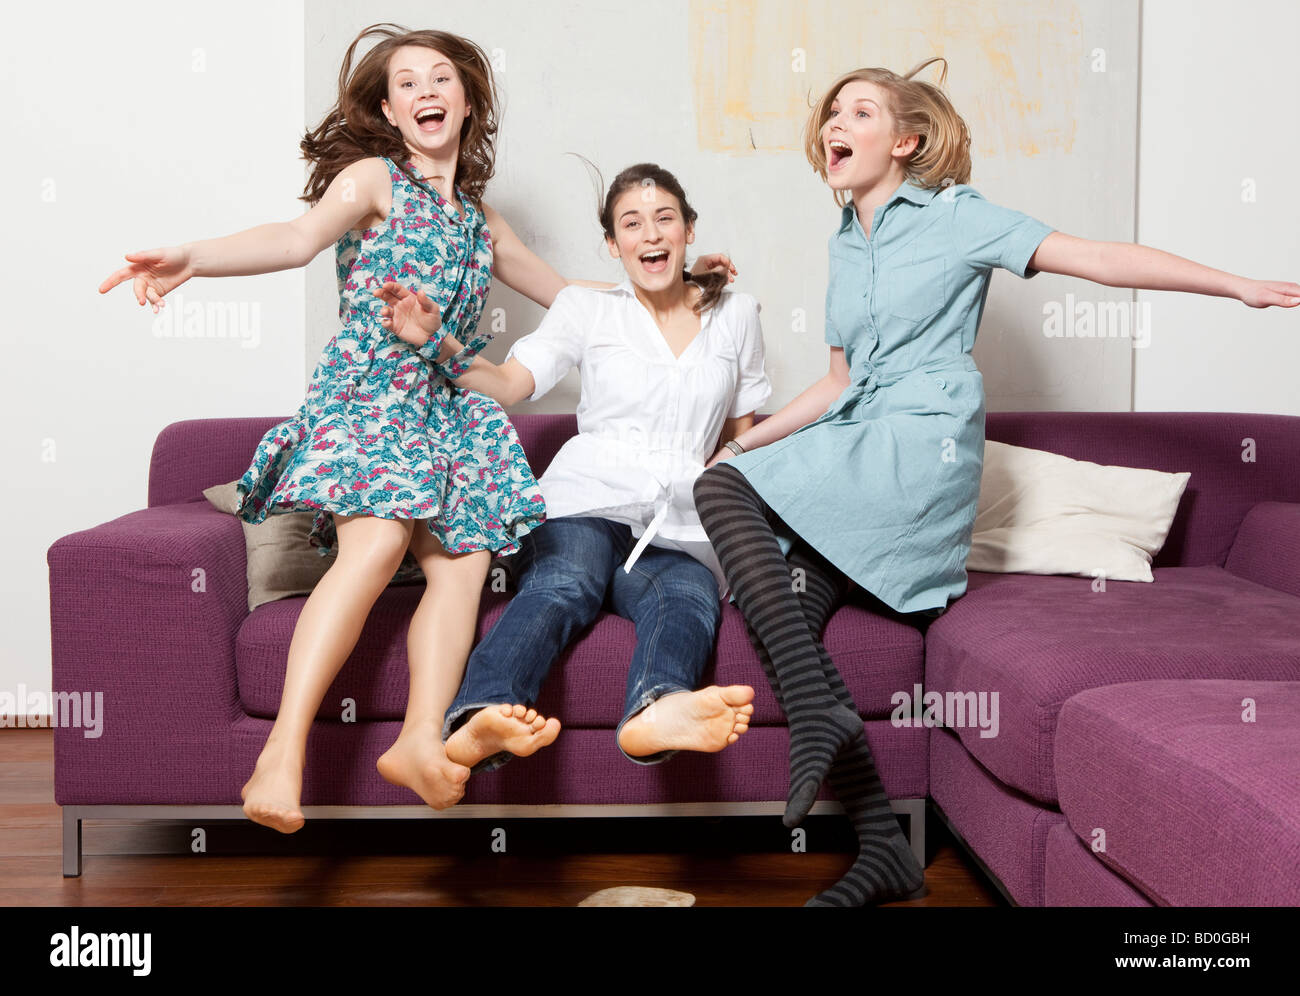 Trois femmes saut et jubilating Banque D'Images